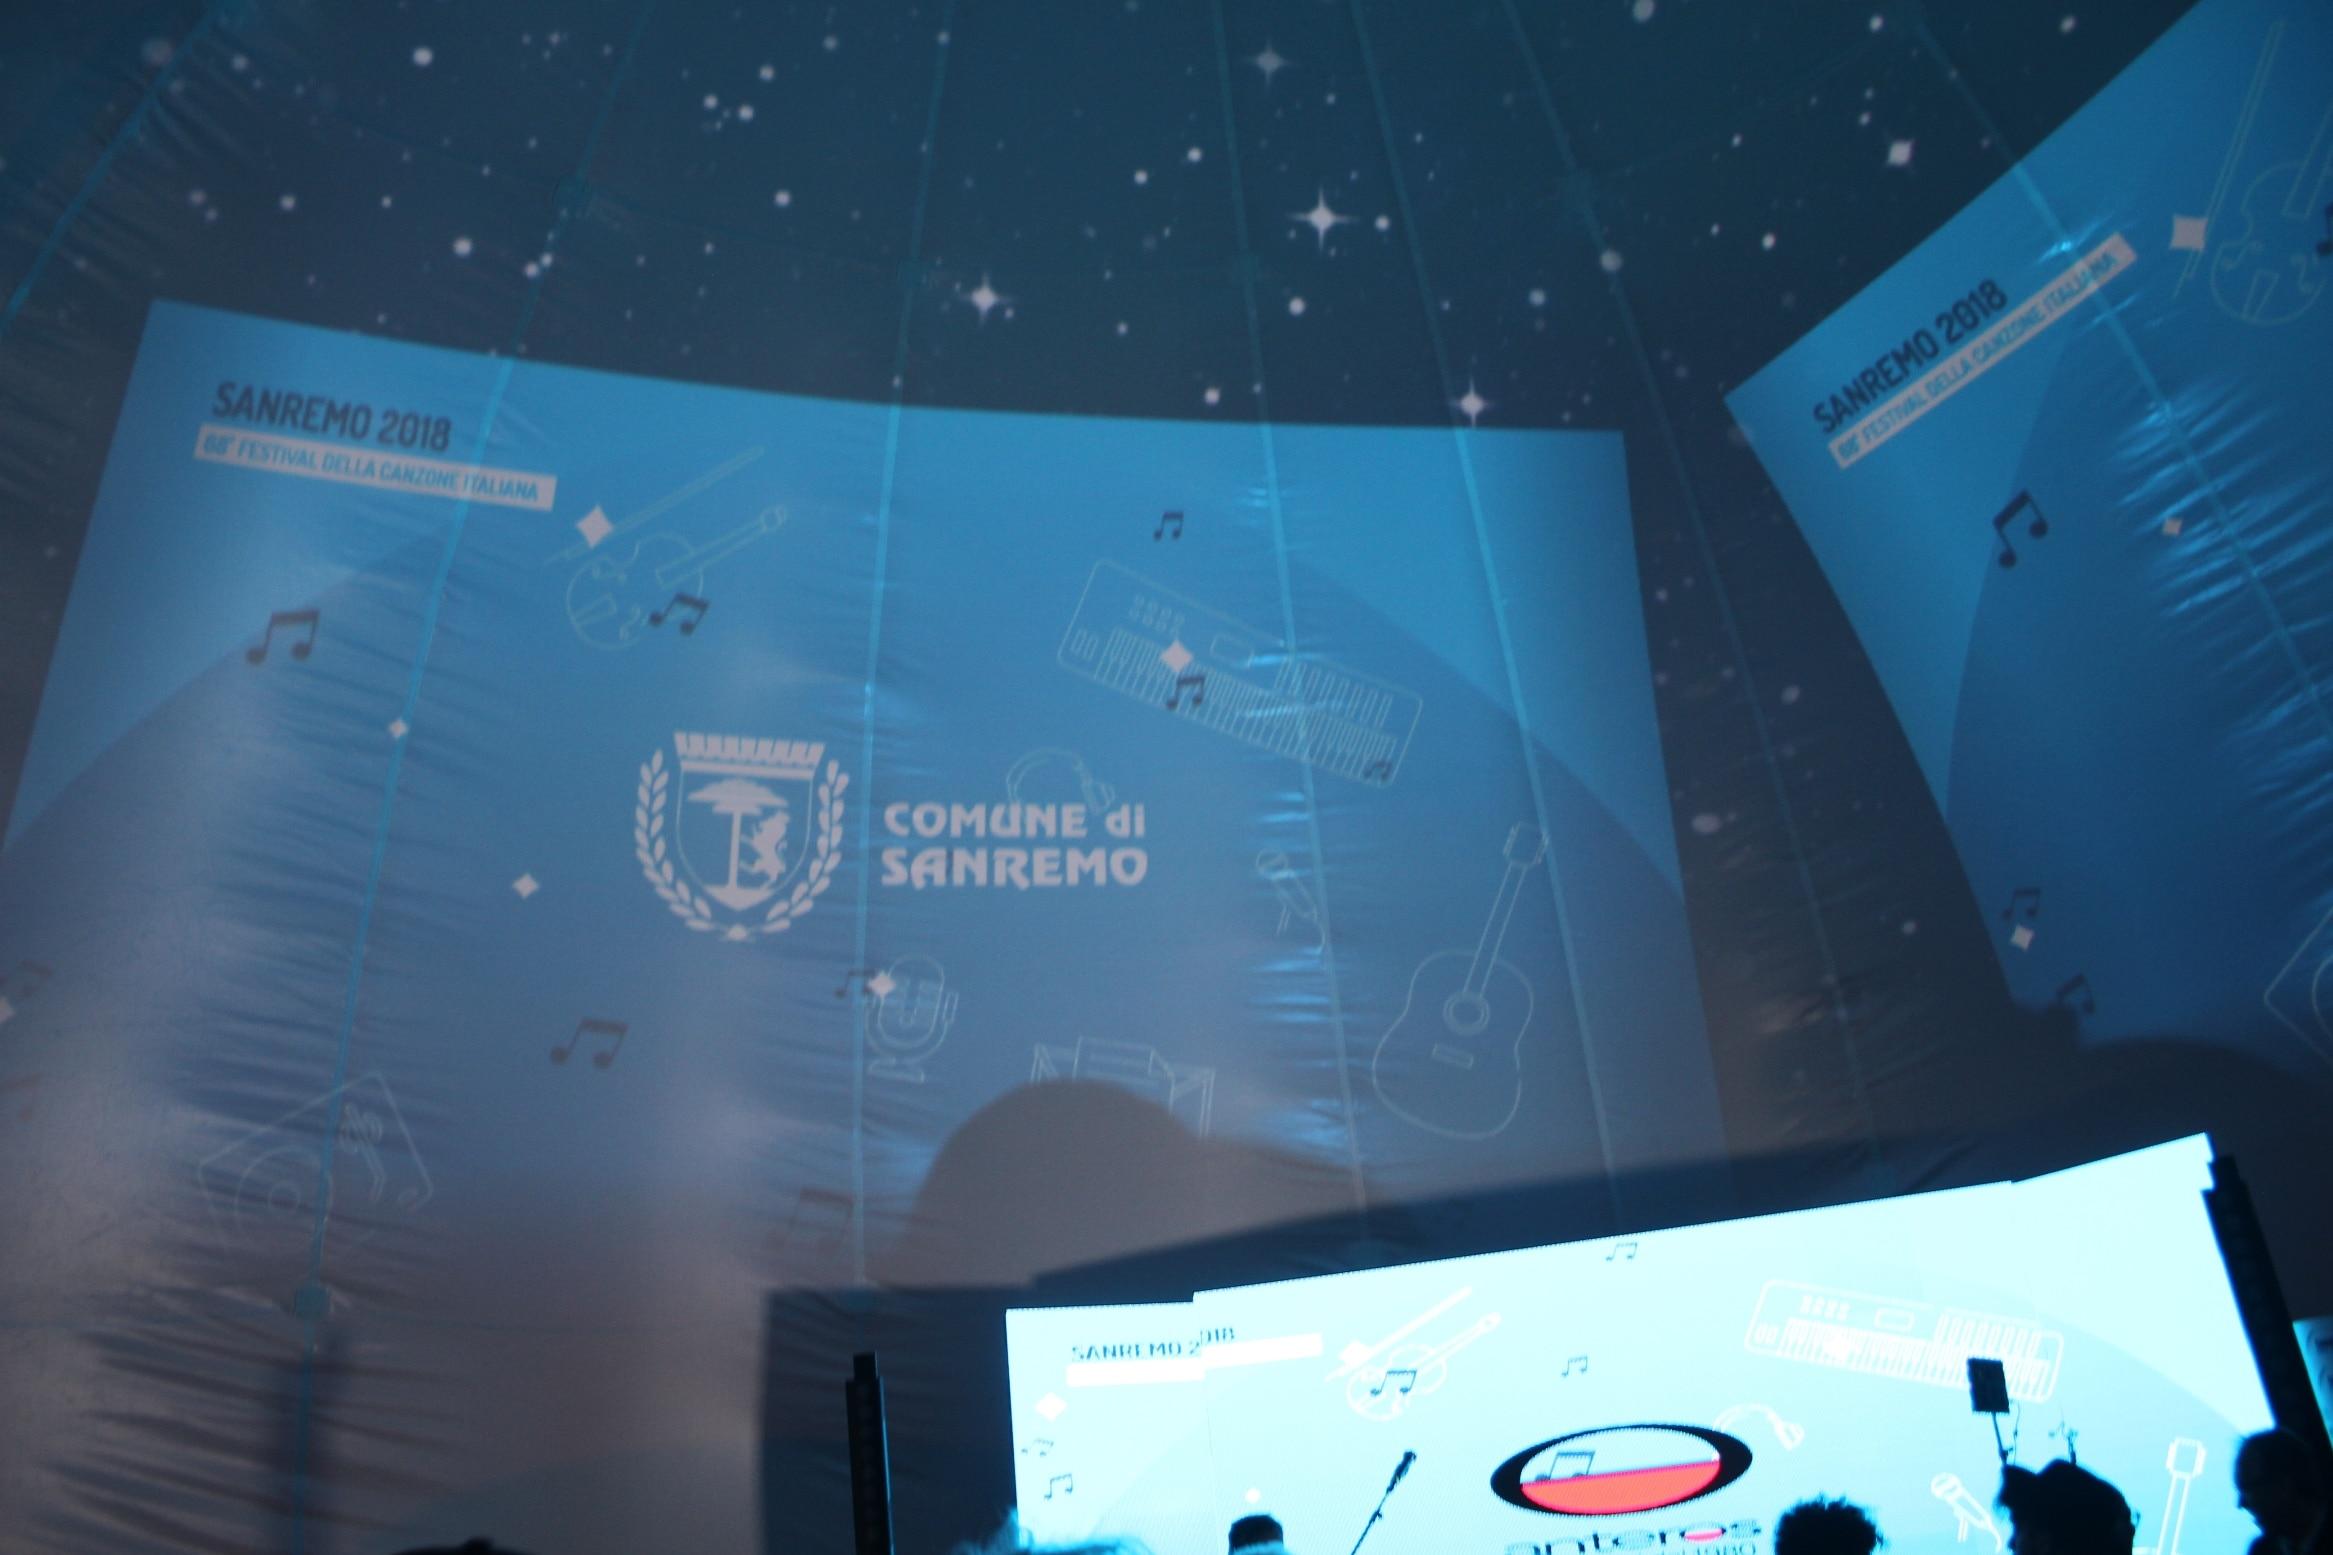 Inaugurata ieri Casa SIAE - Area Sanremo, una semisfera multimediale per gli eventi collaterali del 68esimo Festival di Sanremo